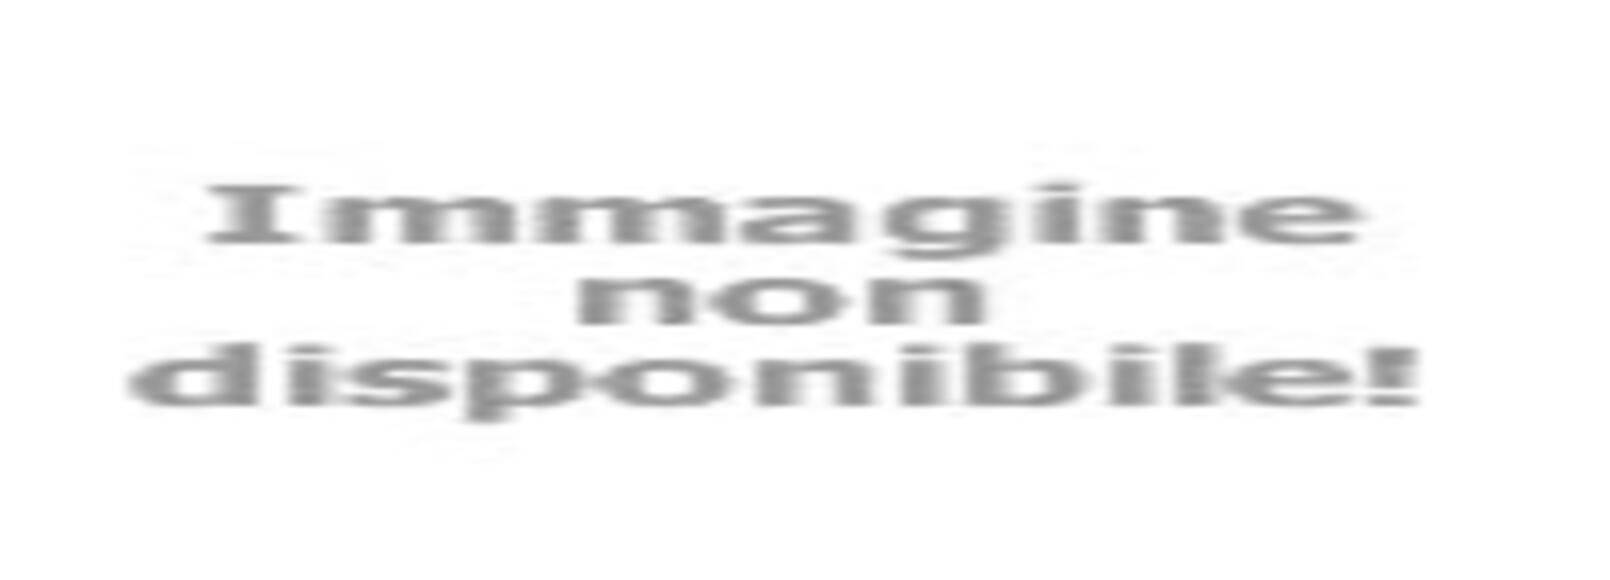 jhotel it soggiorno-sicuro-a-torino-per-smart-working 001